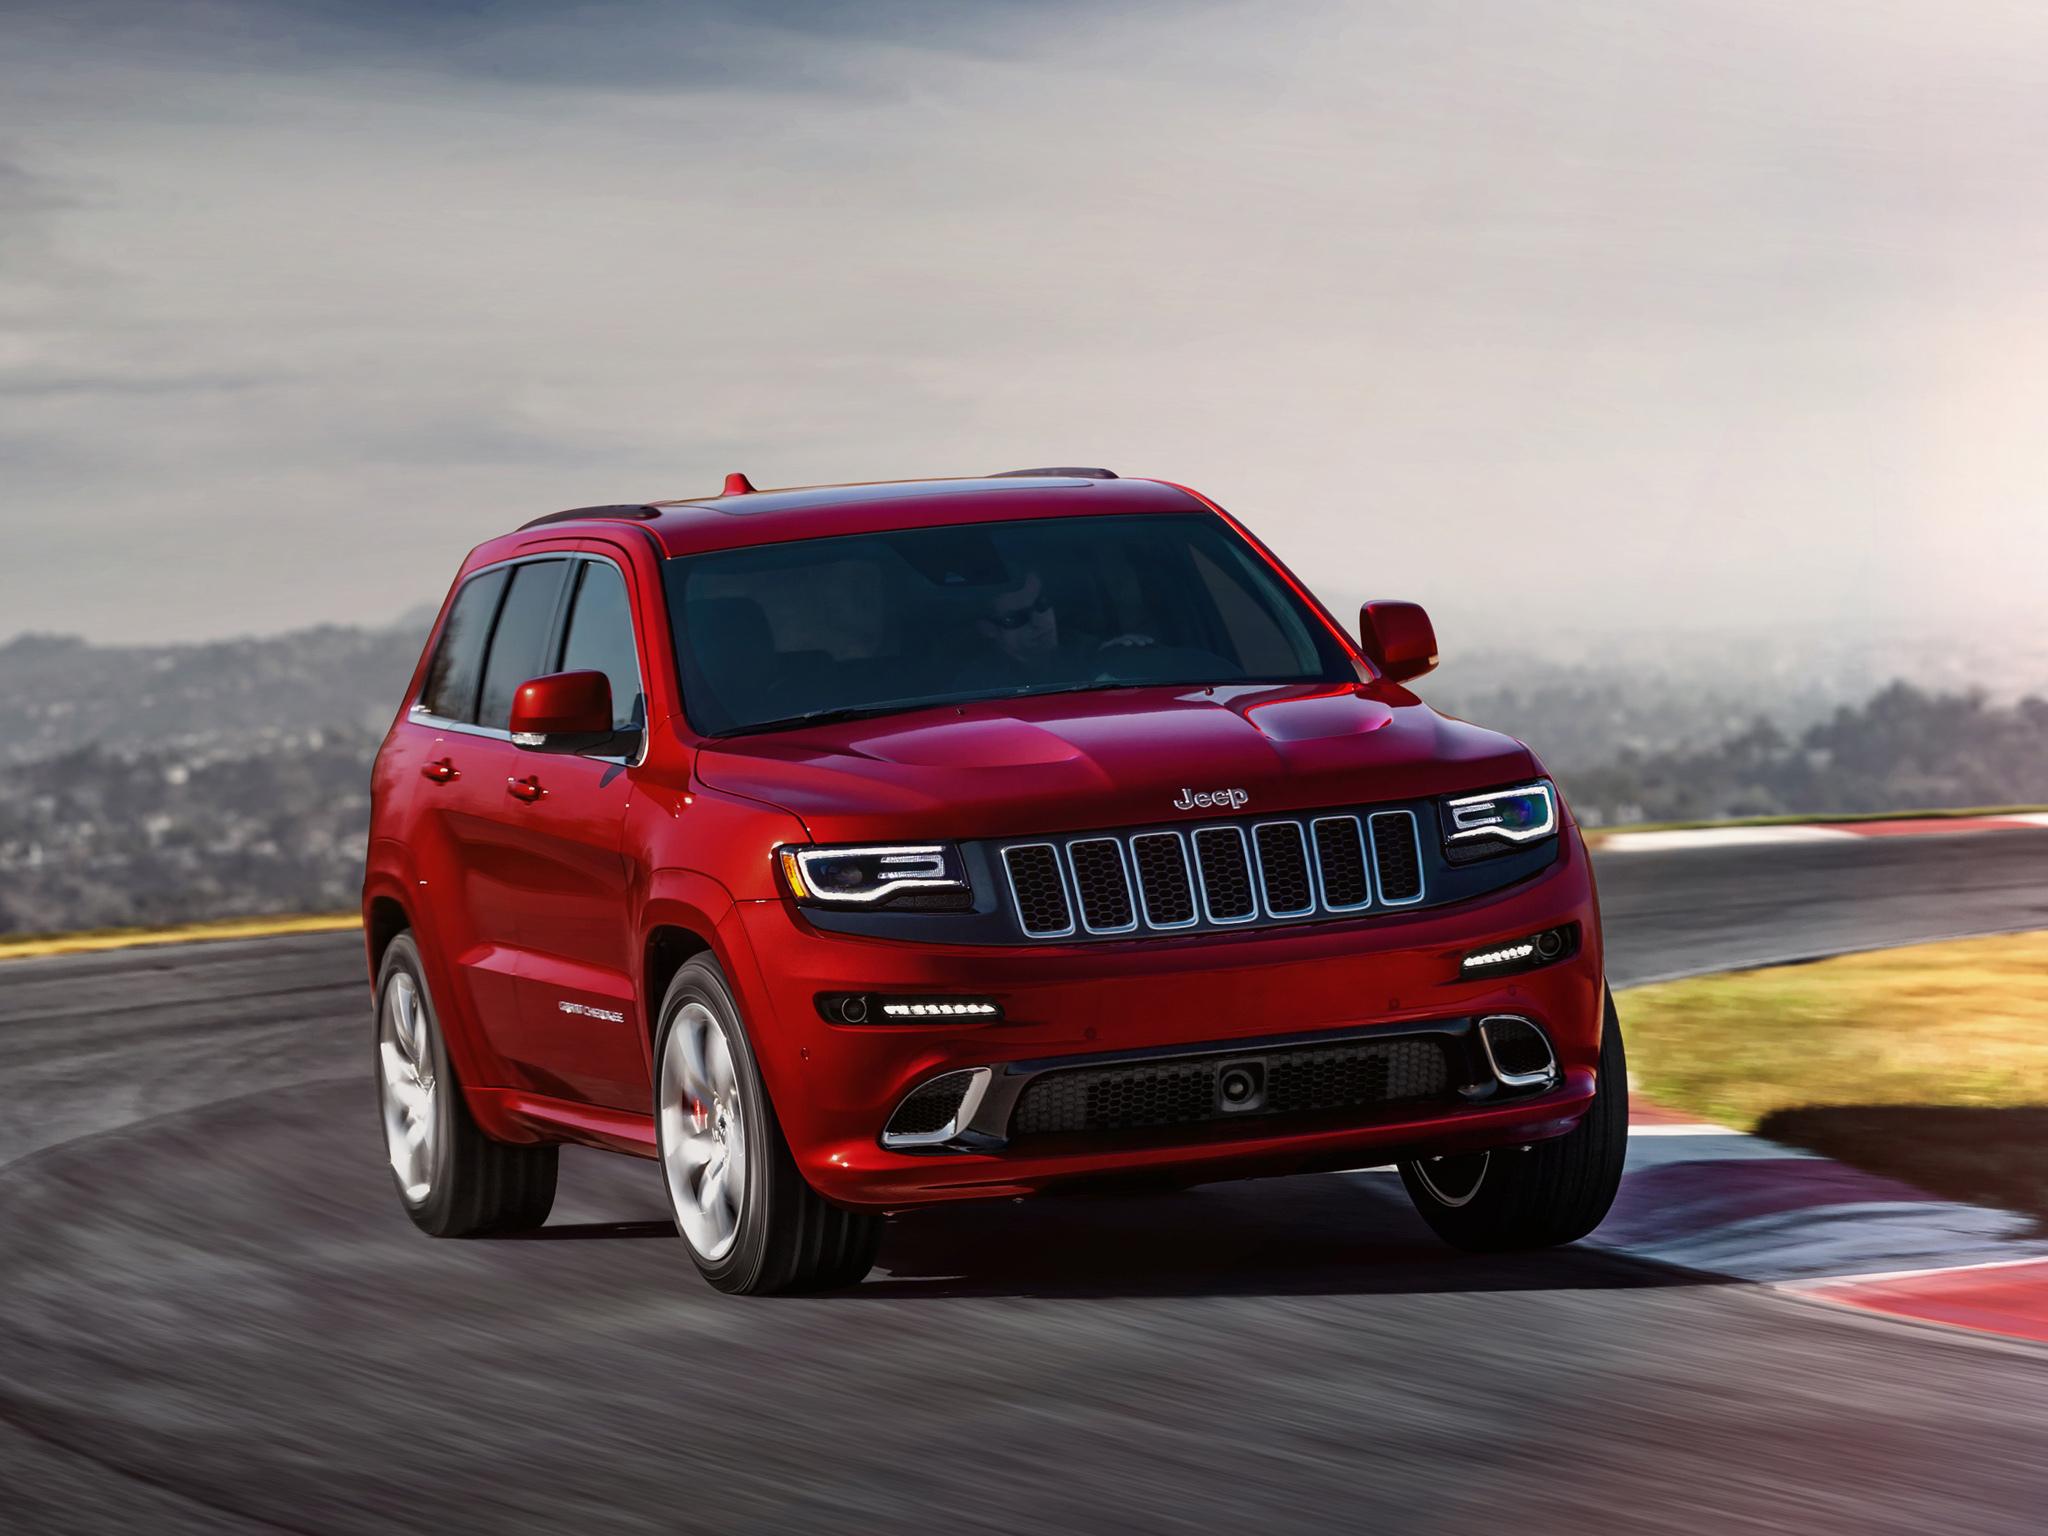 красный автомобиль джип ford sport trac red car jeep  № 3085962 загрузить